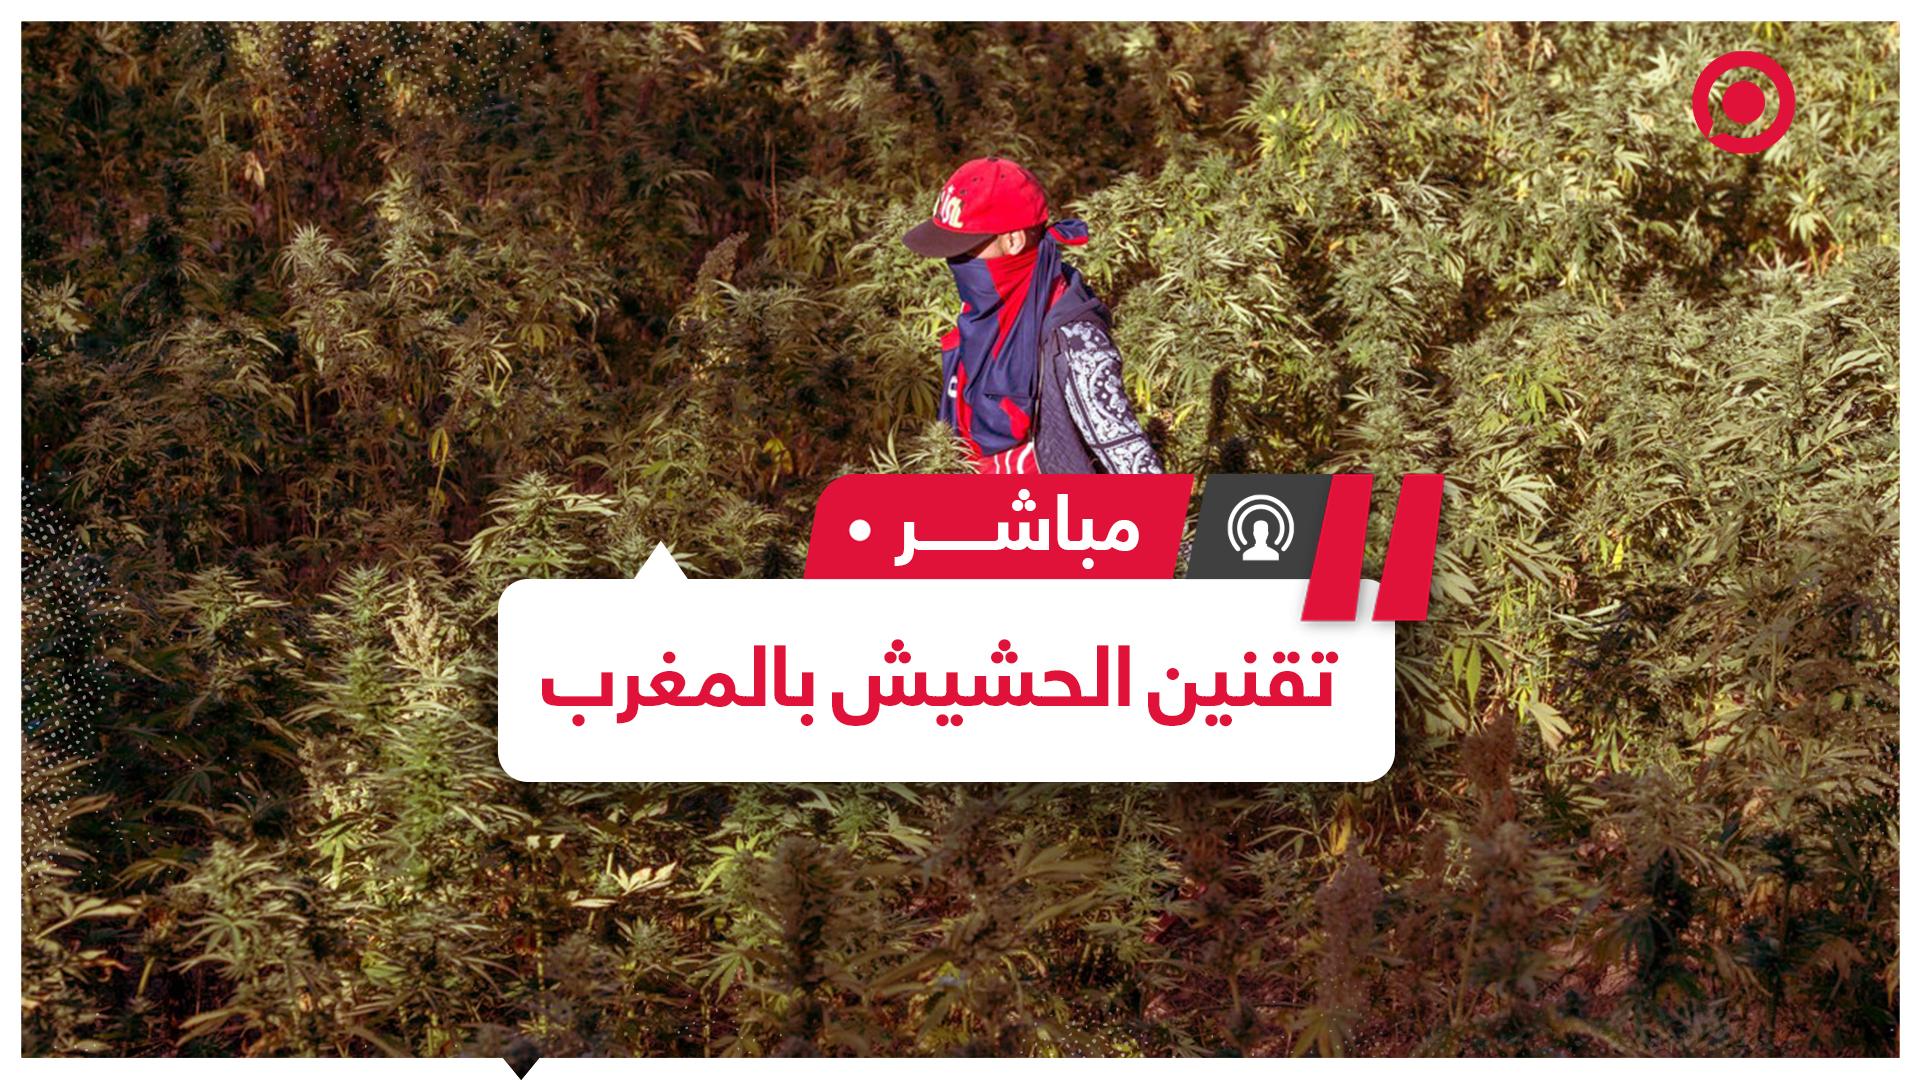 وزير الداخلية المغربي يطرح مشروع قانون لتقنين زراعة